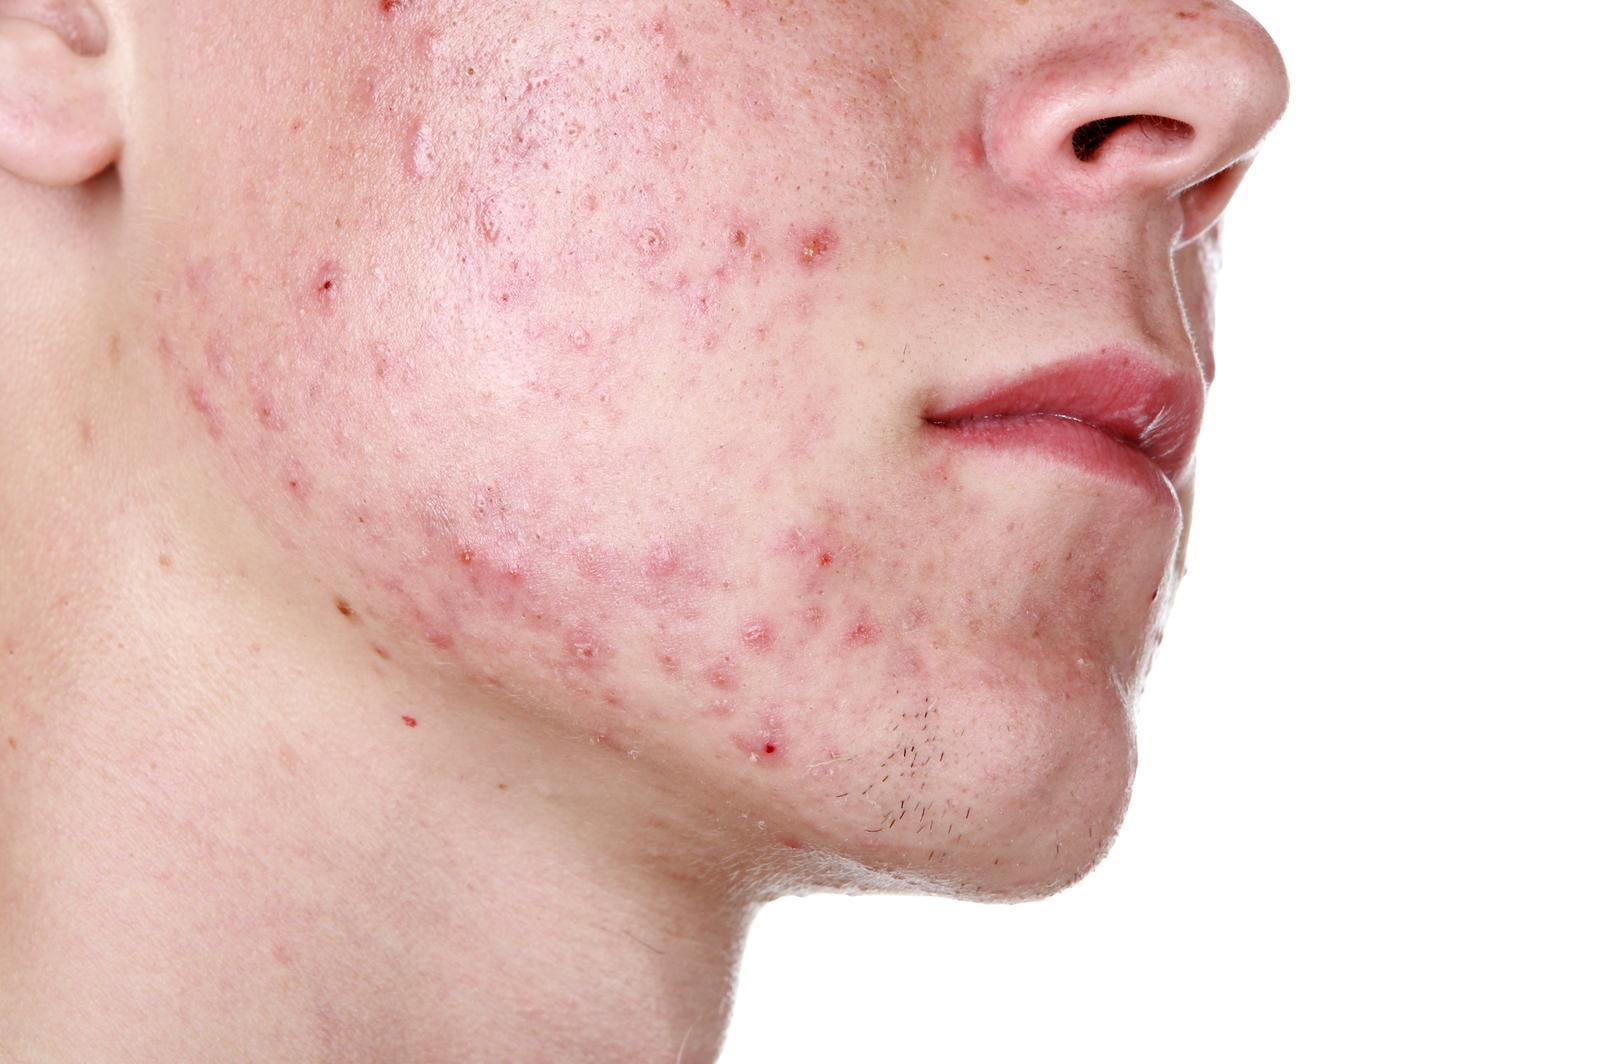 12 biztos jele annak, hogy parazita van a testedben | nyelvprofil.hu